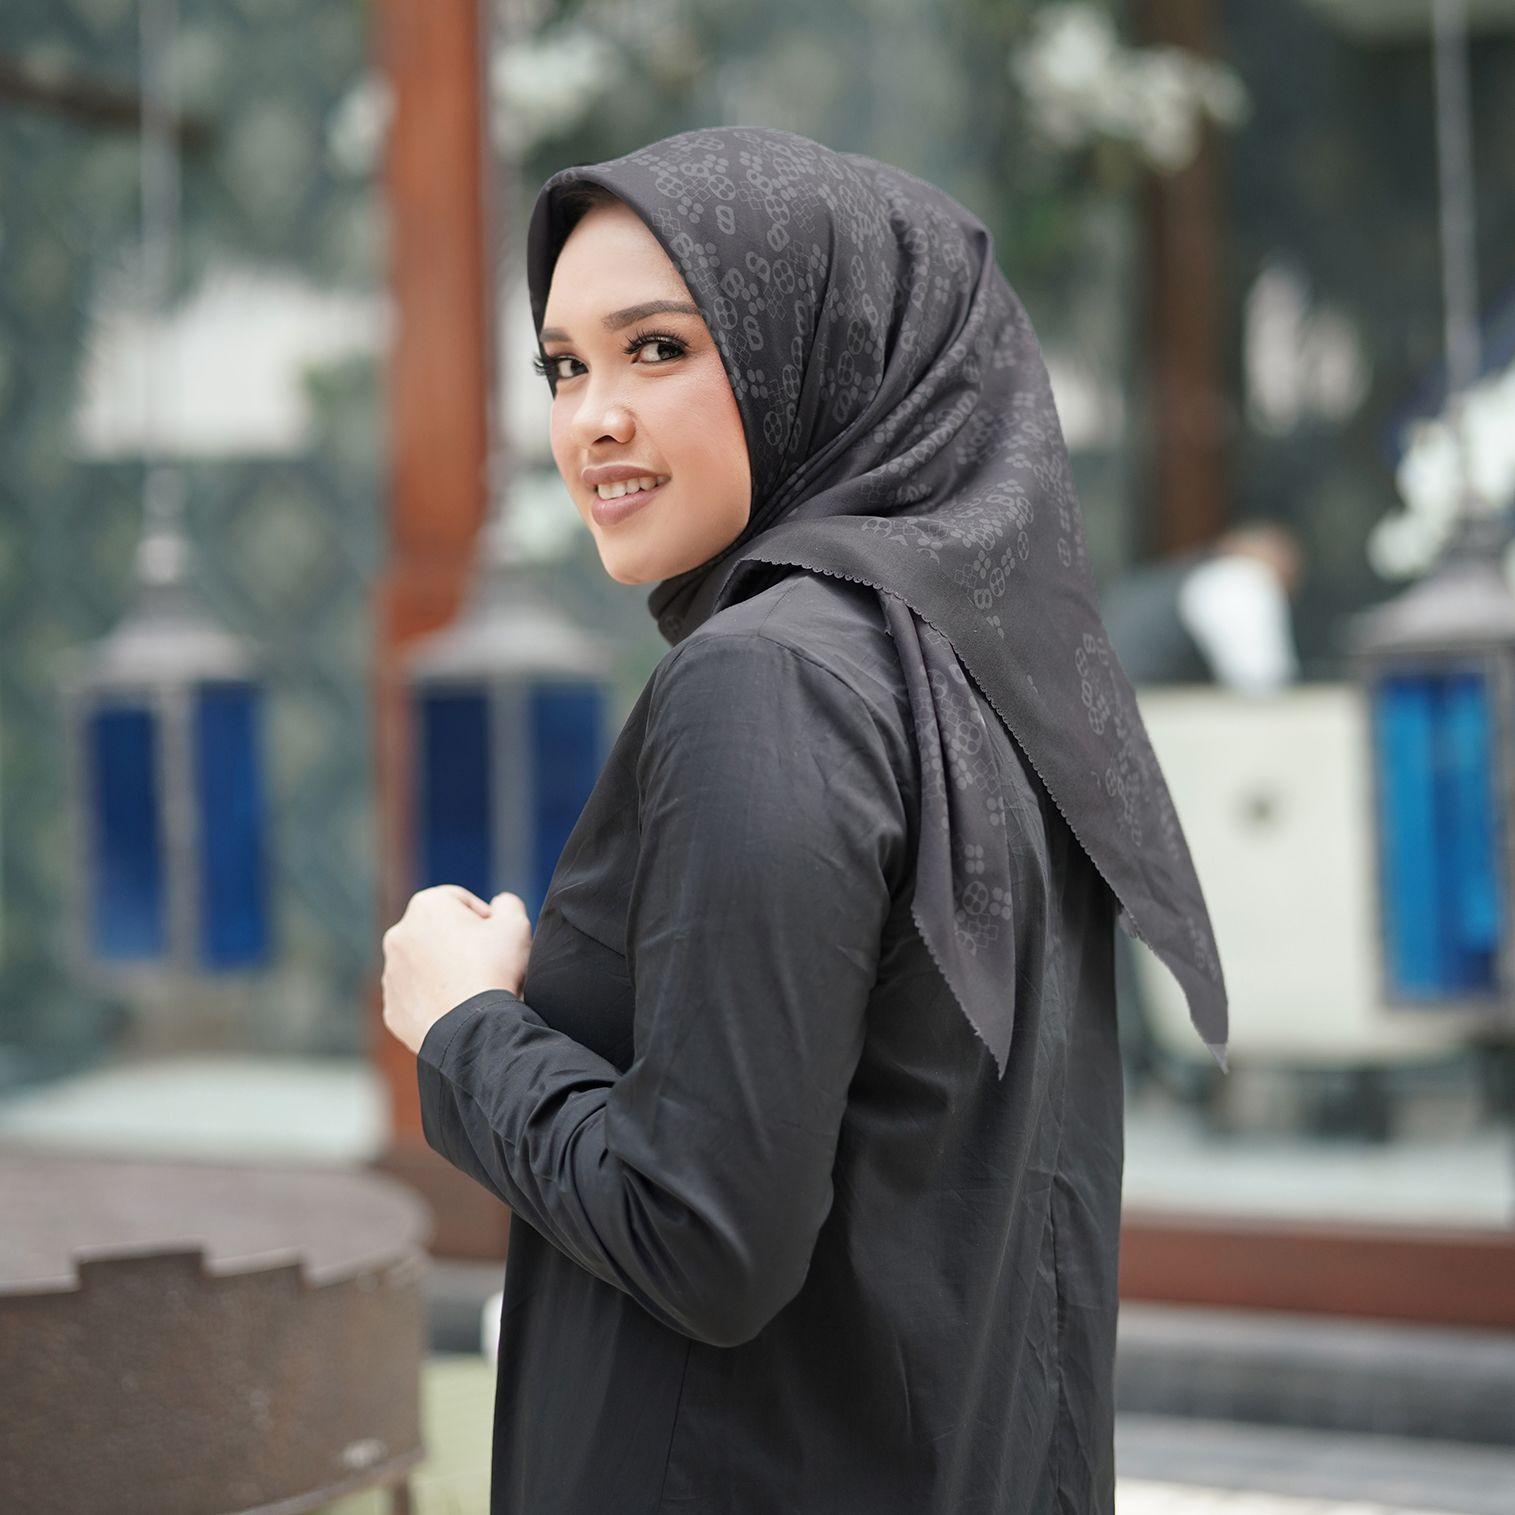 Bahas Brand Lokal: Kerudung Motif untuk Penampilamu yang Makin Cantik